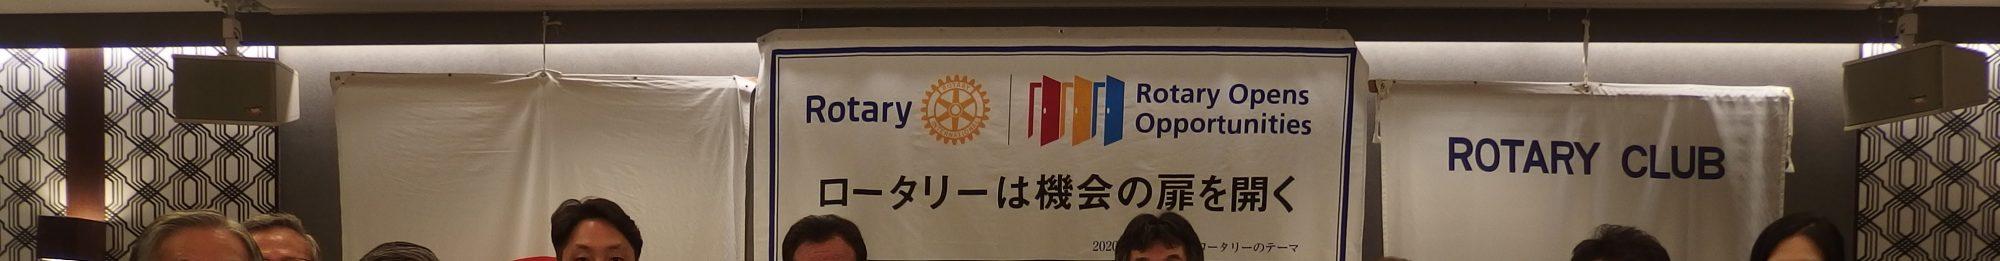 川崎高津南ロータリークラブ